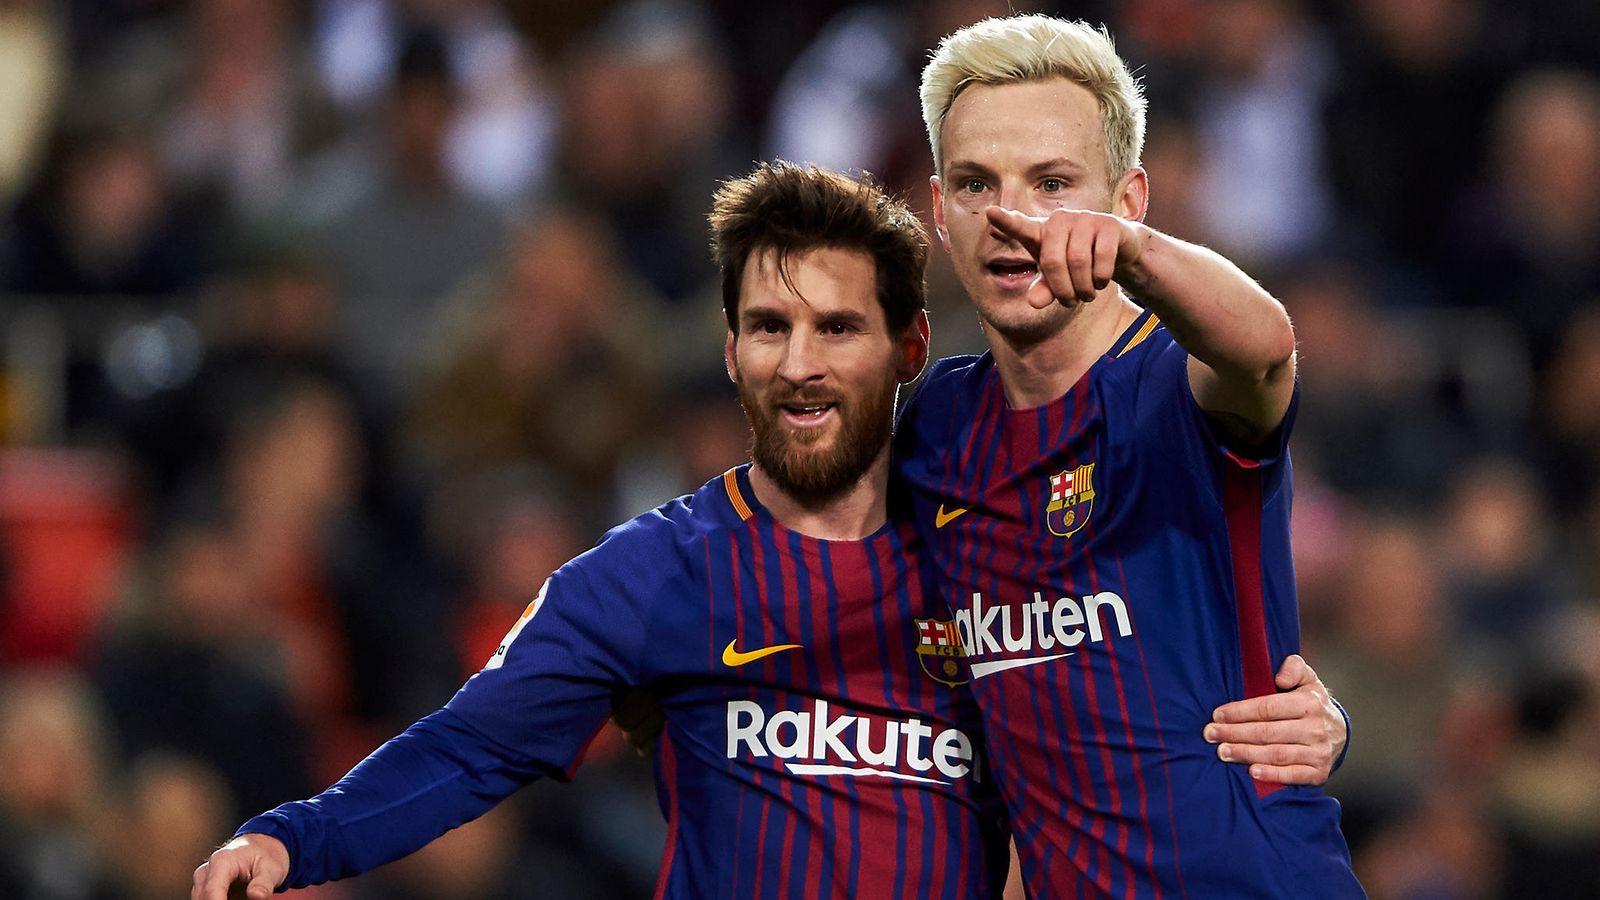 Joukkuekaverin hurja väite: Jos Lionel Messi olisi tennispelaaja, hän  voittaisi 50 grand slam -turnausta - MTVuutiset.fi